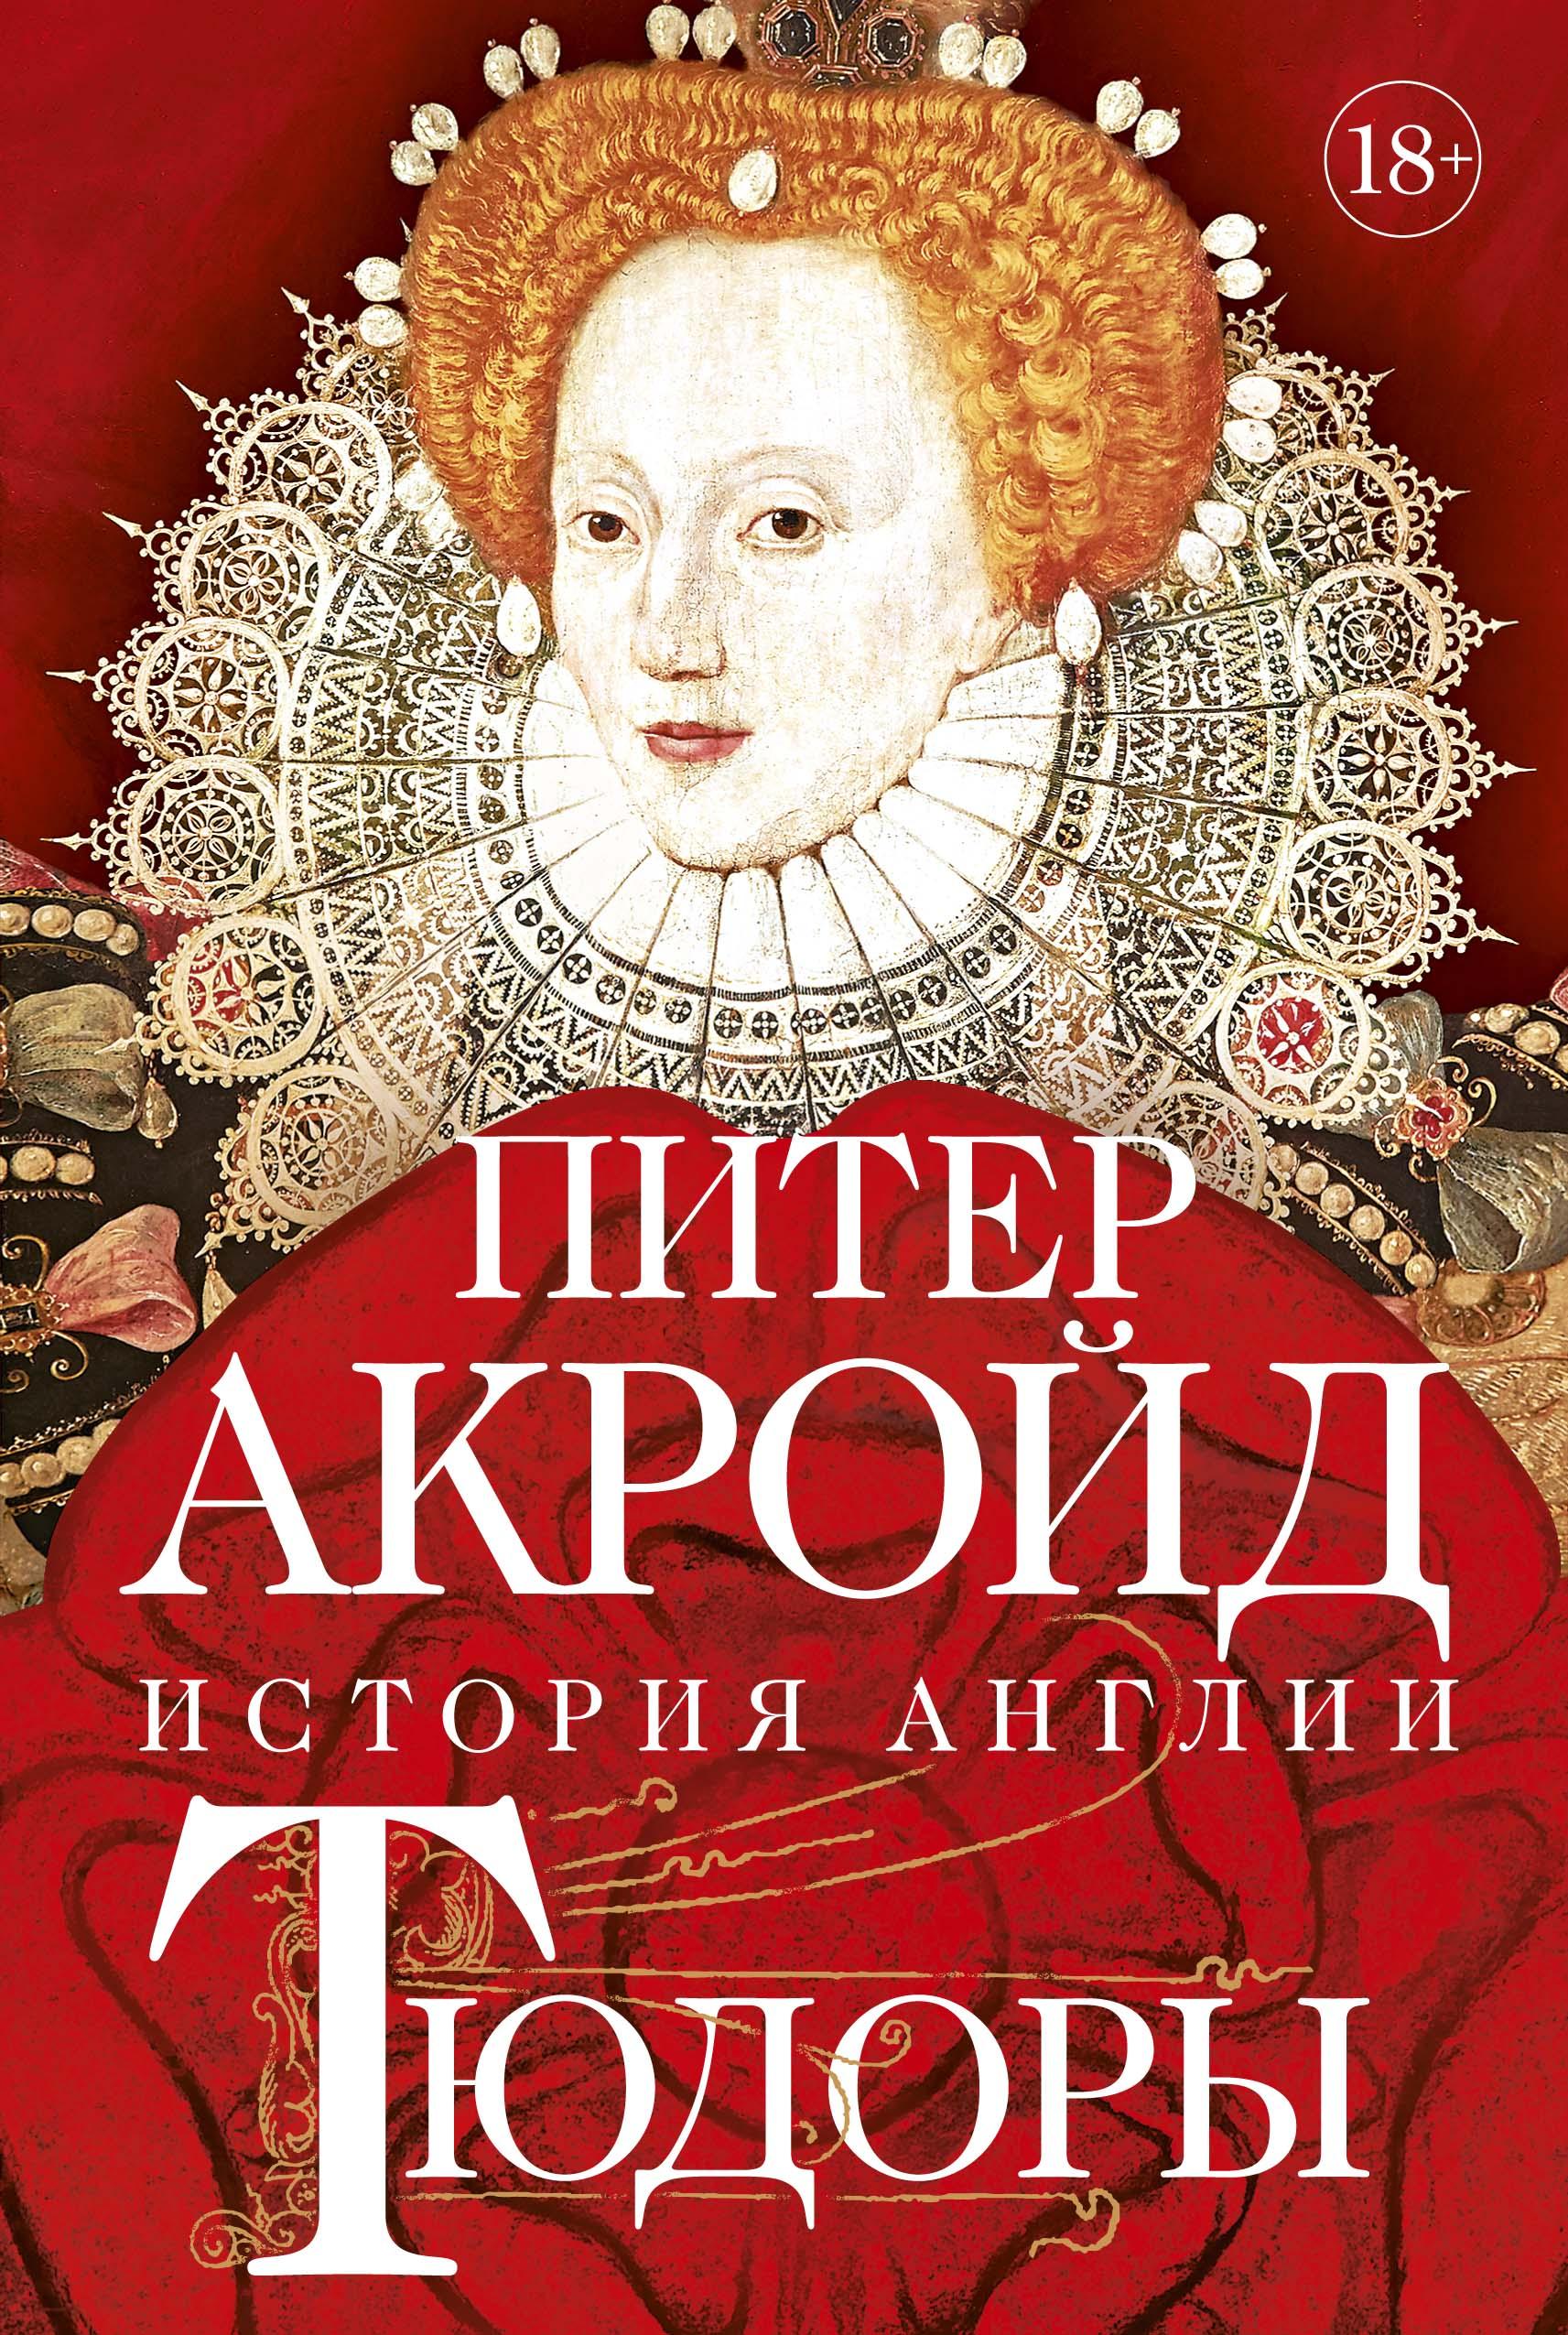 Тюдоры: История Англии. От Генриха VIII до Елизаветы I